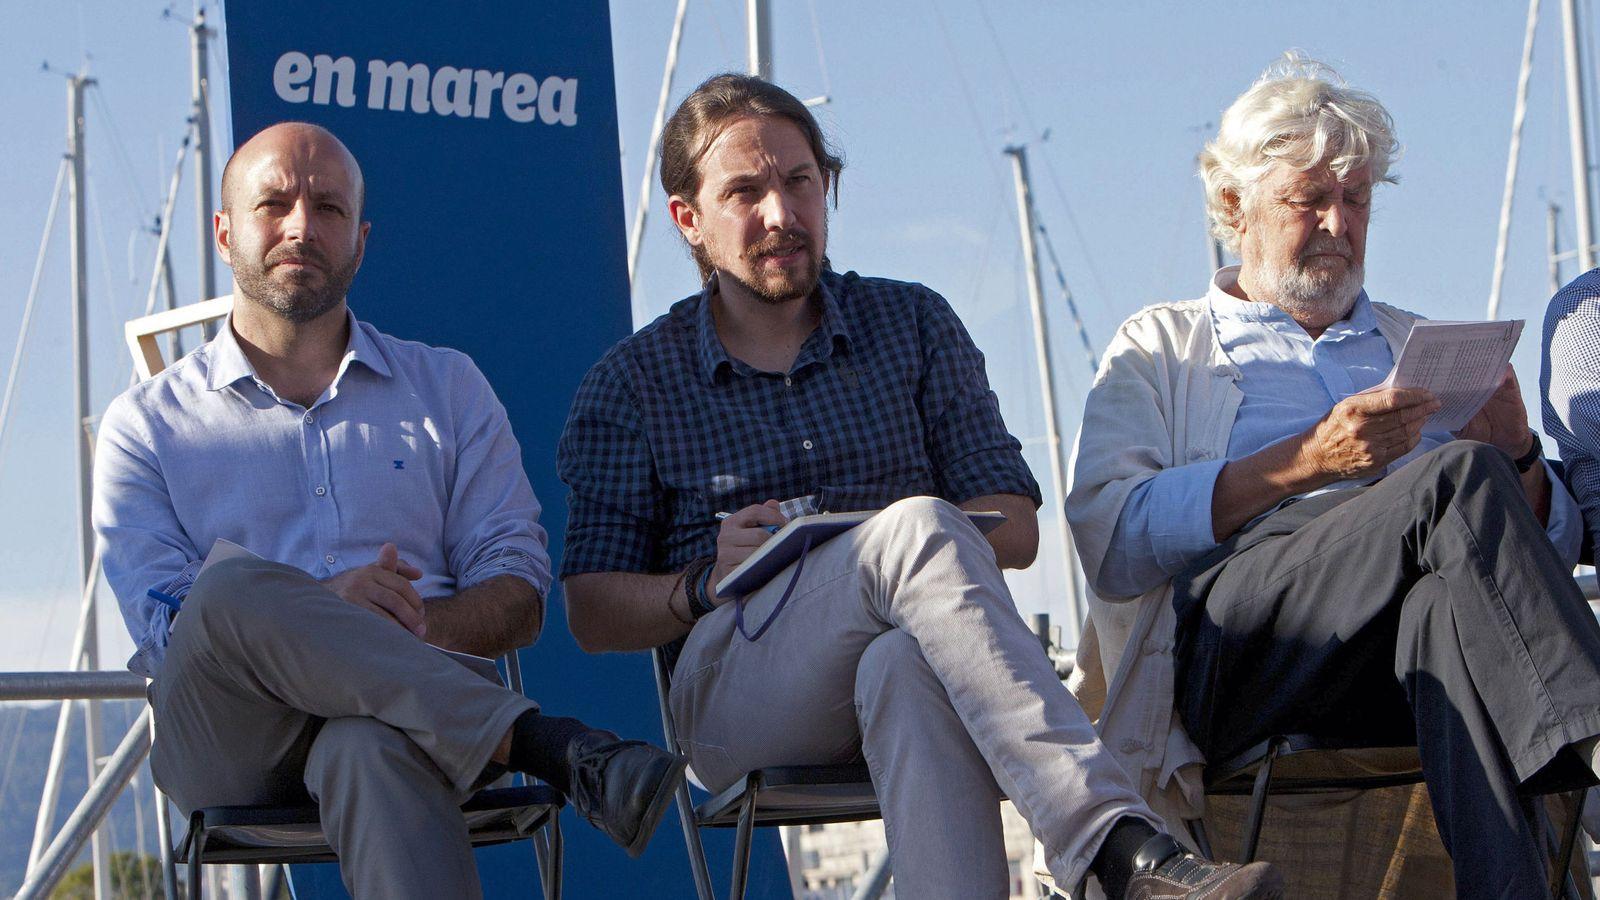 Foto: El secretario general de Podemos, Pablo Iglesias (c), el candidato a la Xunta por En Marea, Luis Villares (i), y José Manuel Beiras, durante un acto electoral en Vigo. (EFE)